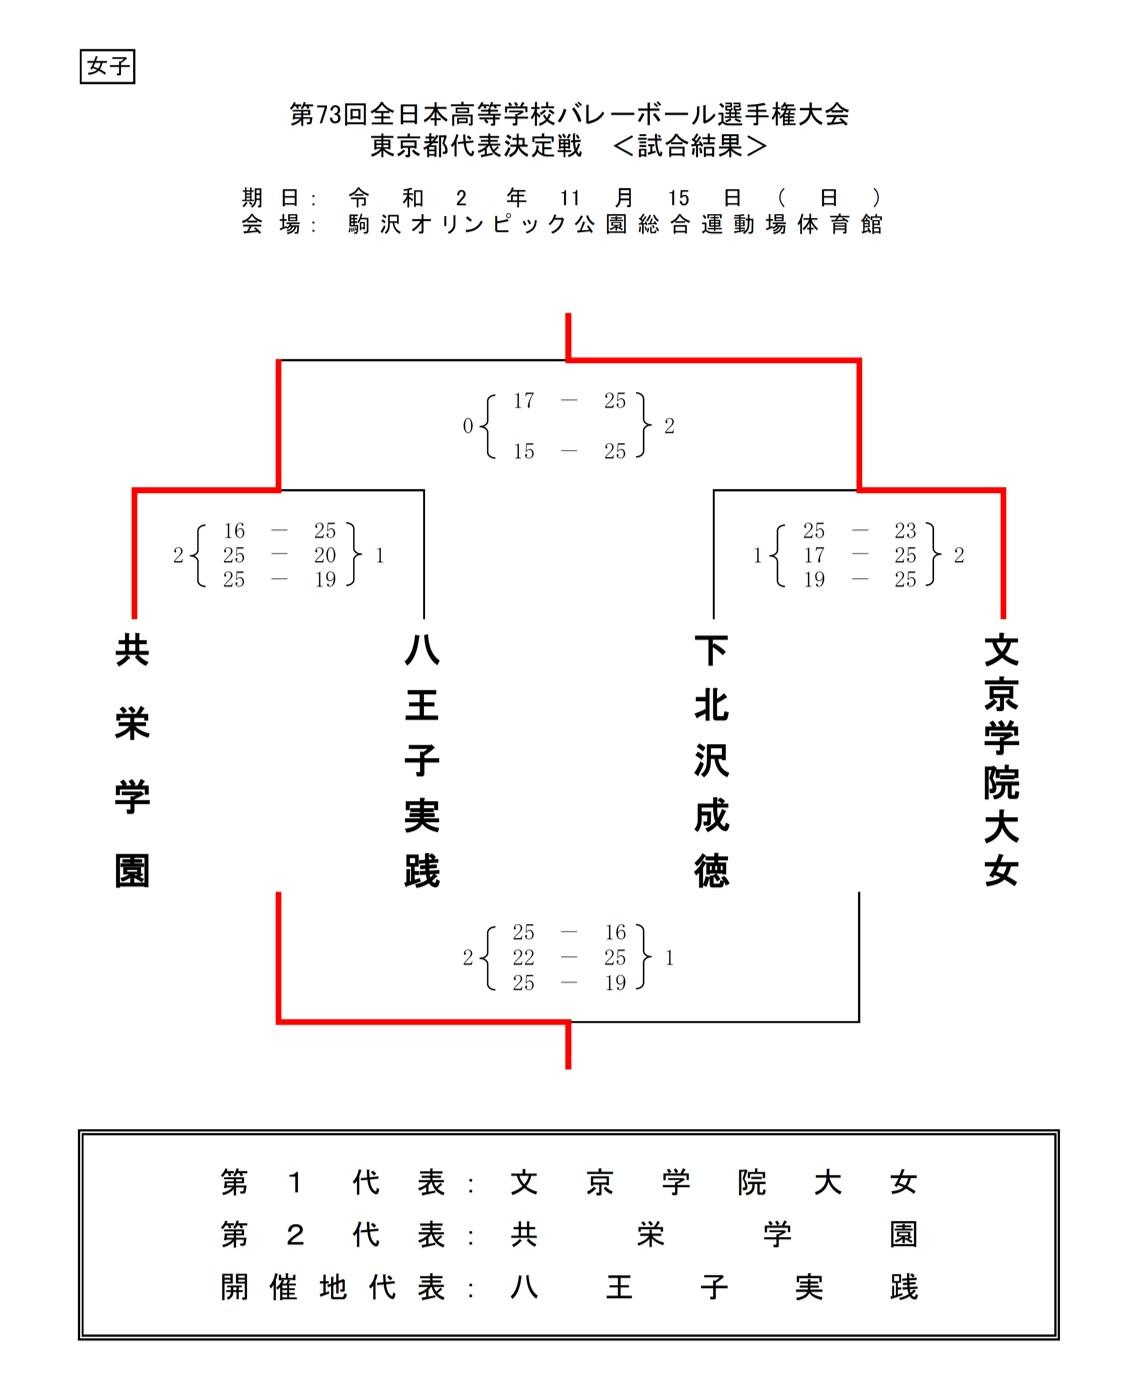 2020年度_全日本高校選手権_東京予選_女子_5日目結果